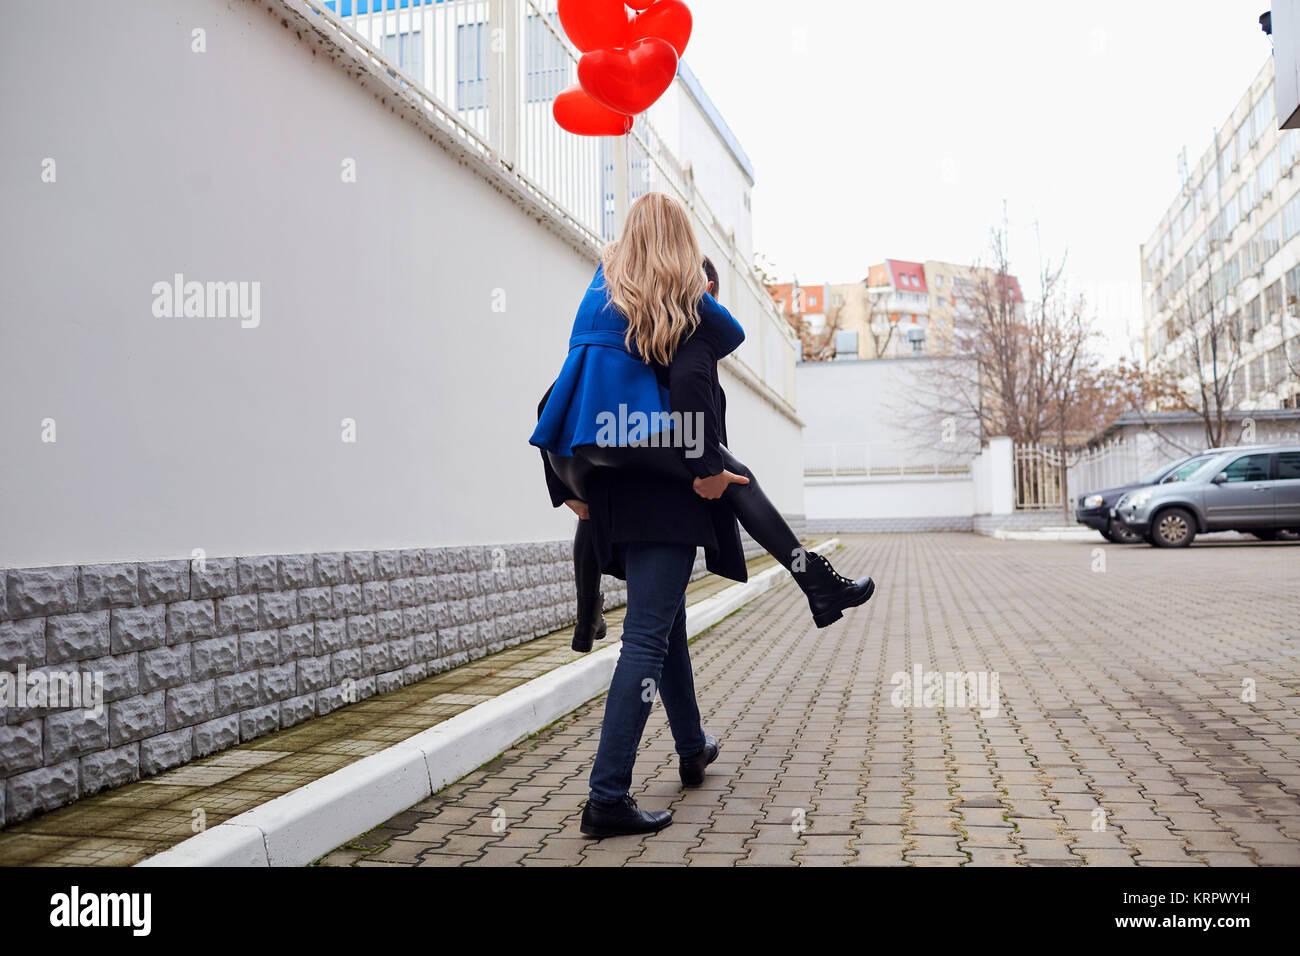 Chica superponerse a chico con corazón rojo globos en la calle. Imagen De Stock